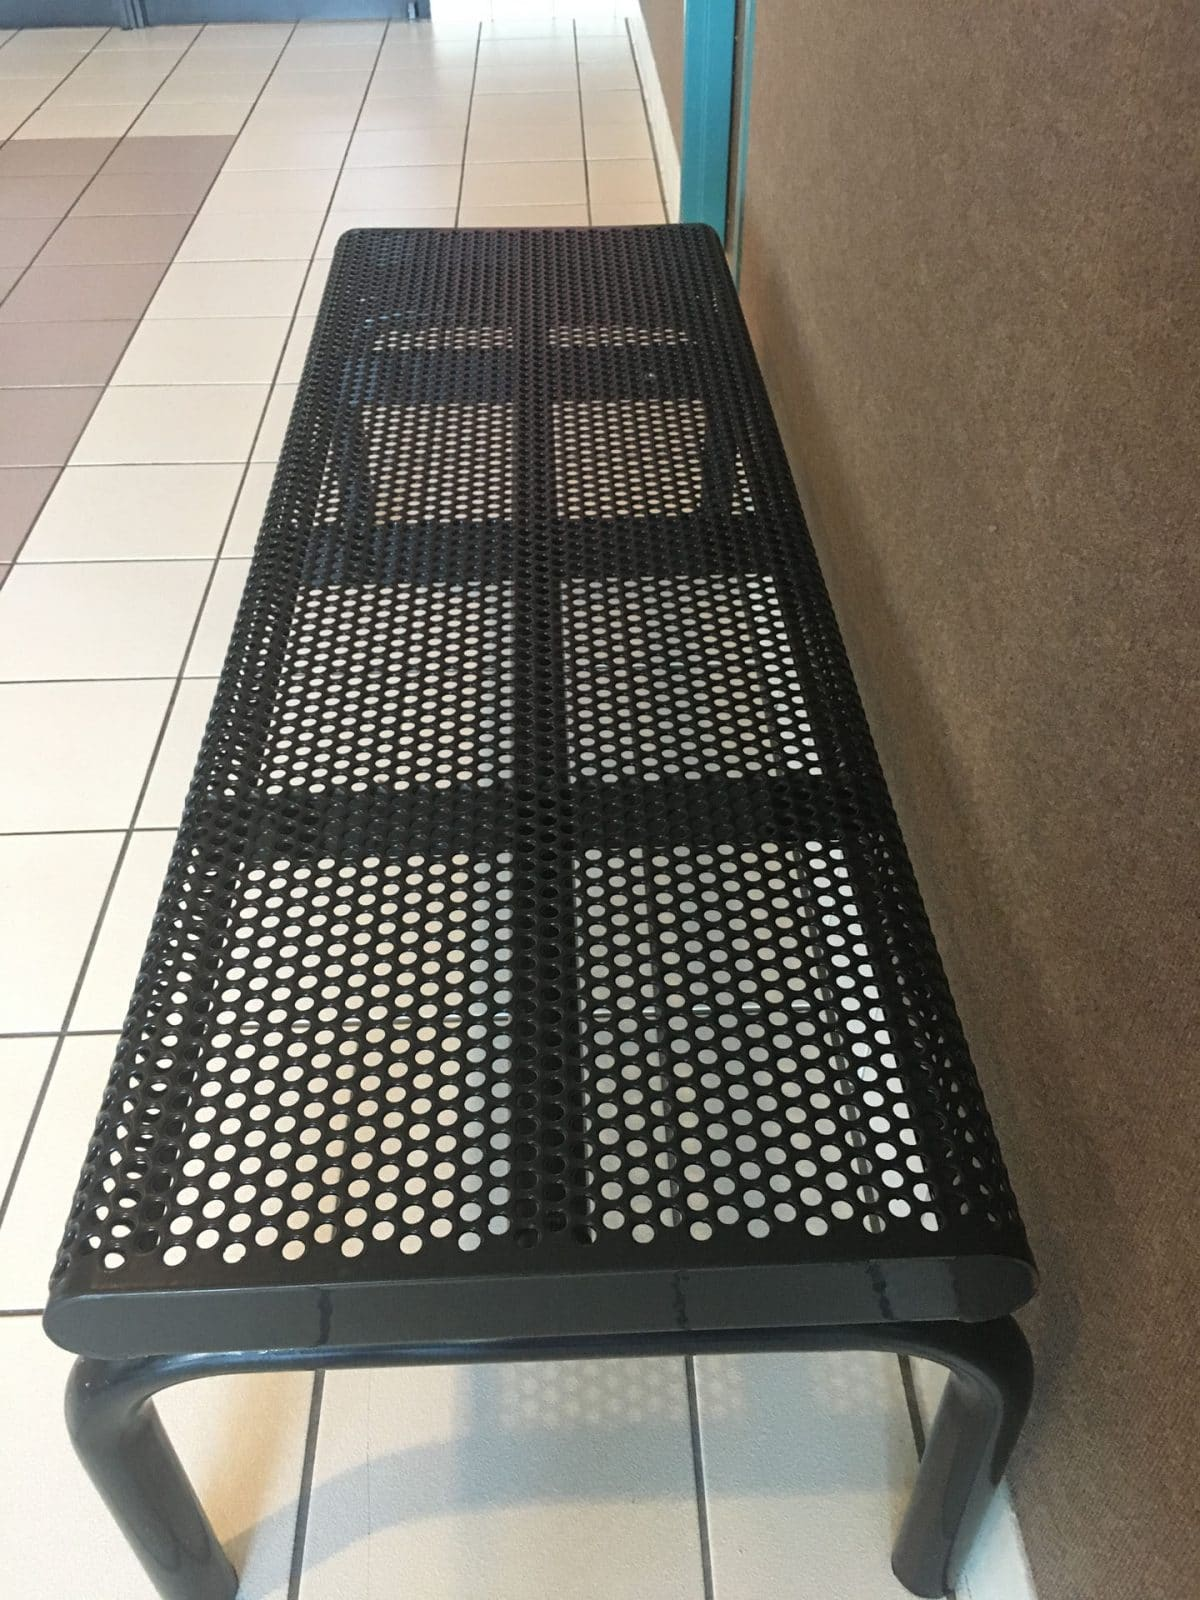 storage stacking pans manufactured in wisconsin, wisconsin storage stacker pans, stackable manufactured storage pans